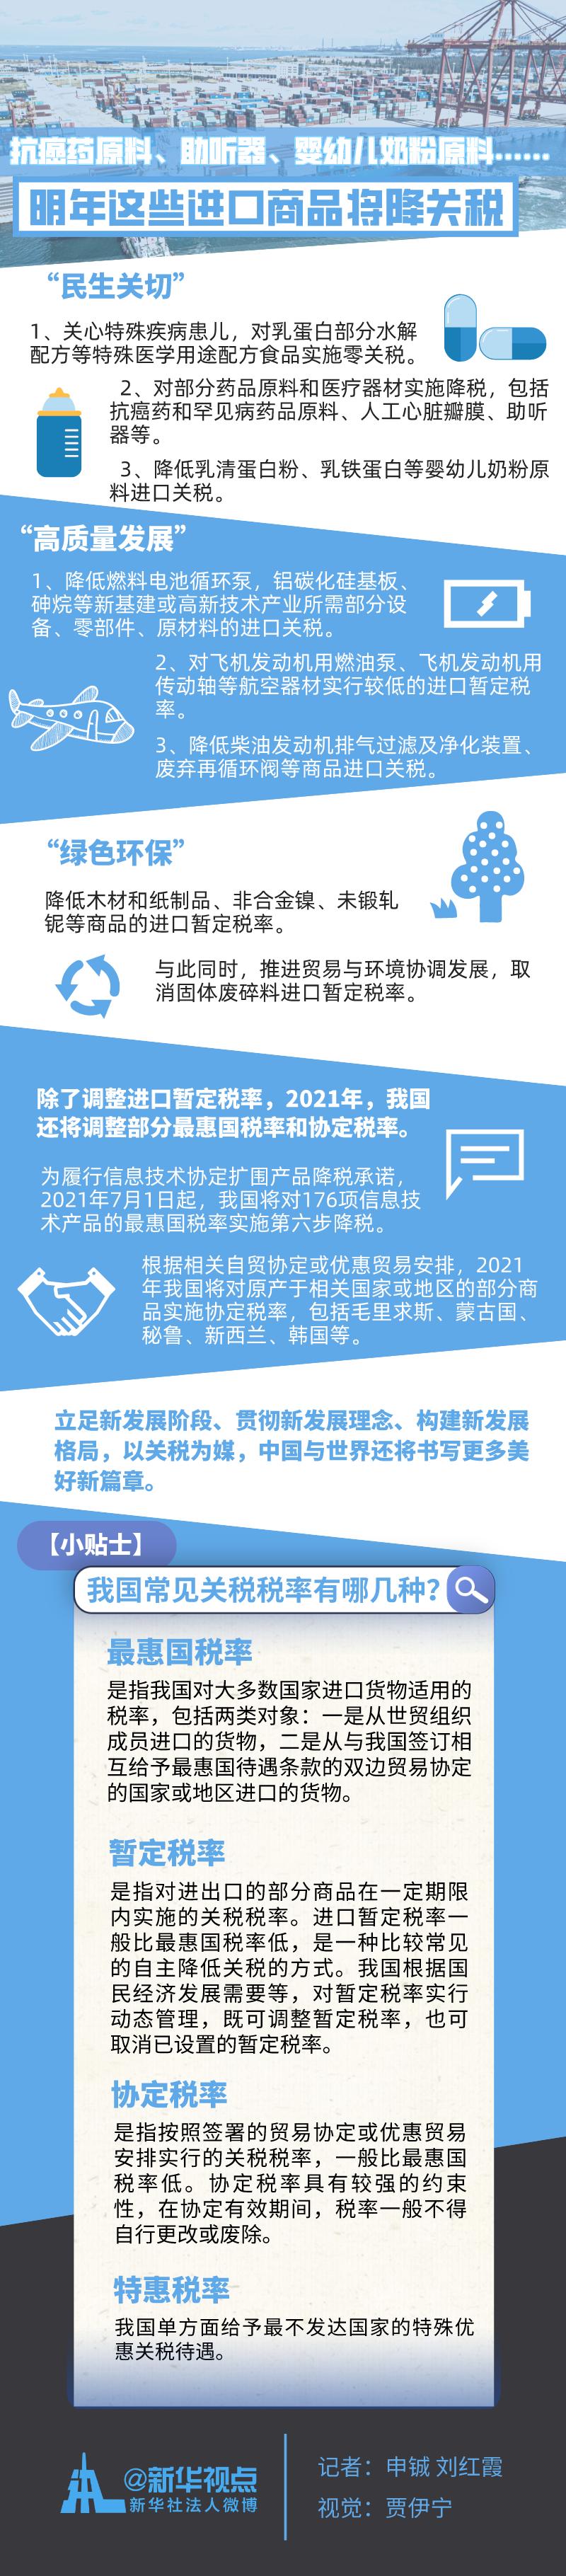 对外开放持续扩大 明年883项进口商品降关税